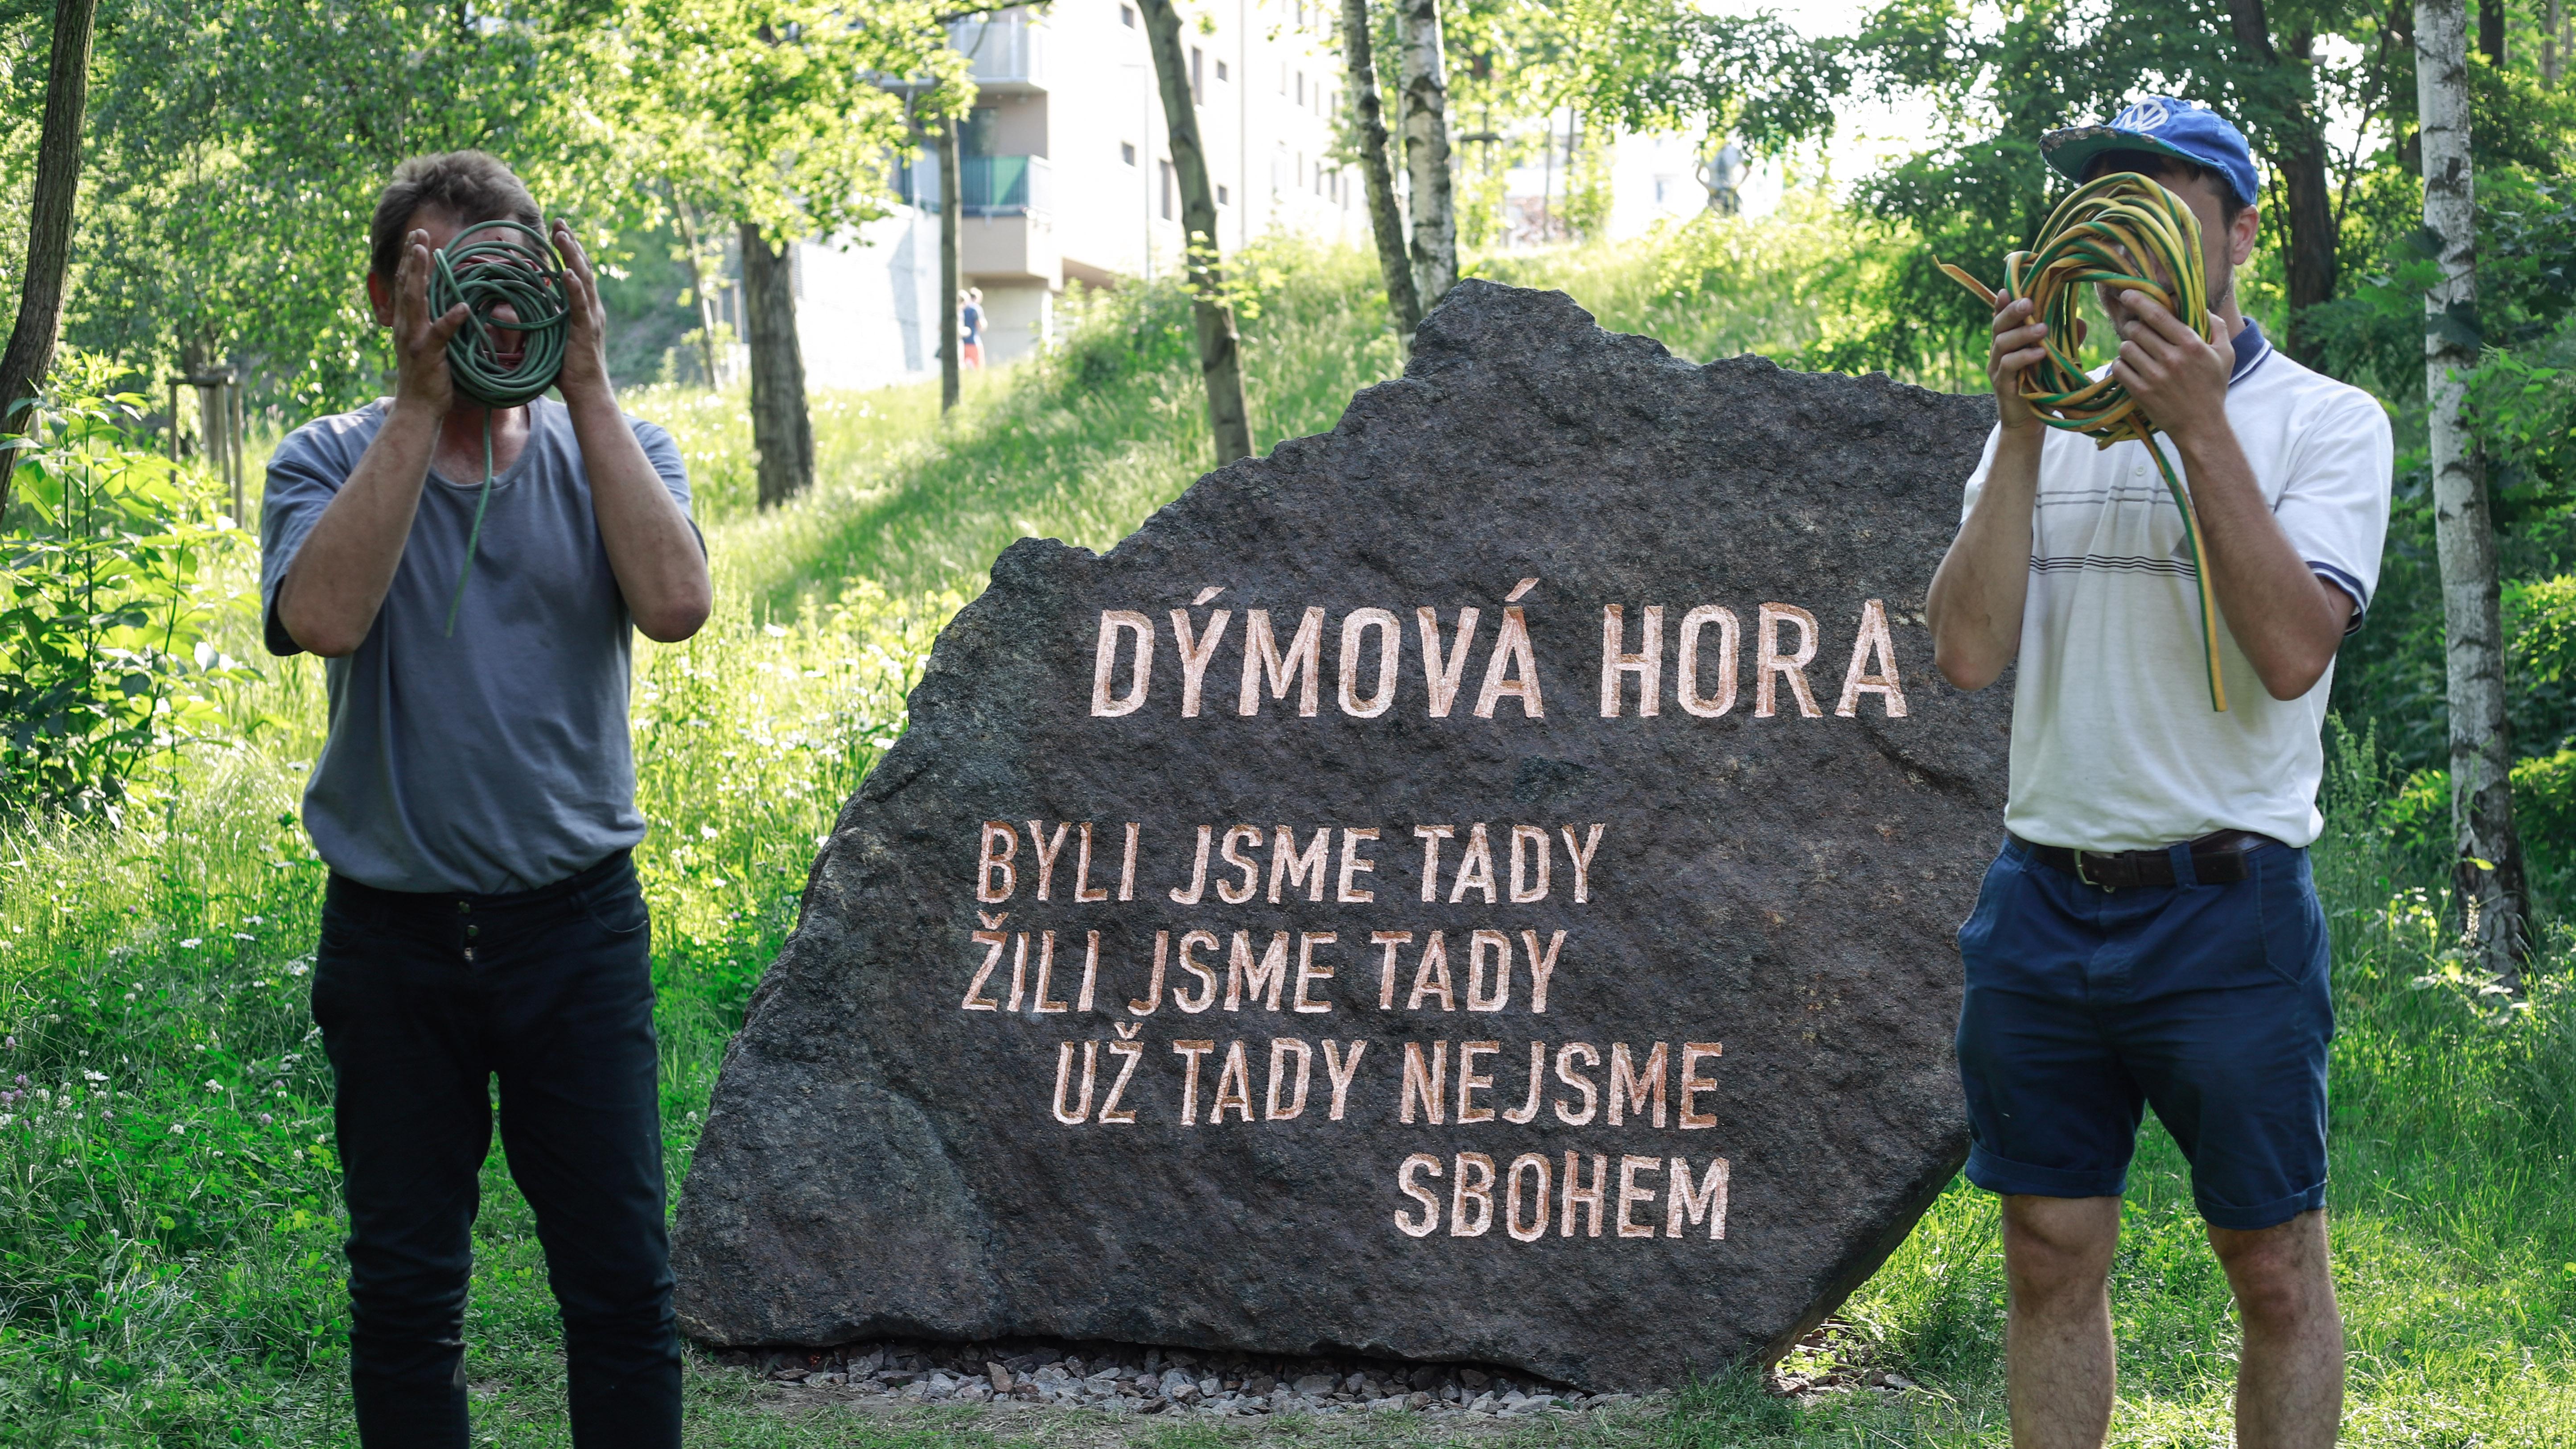 Monument slide 4